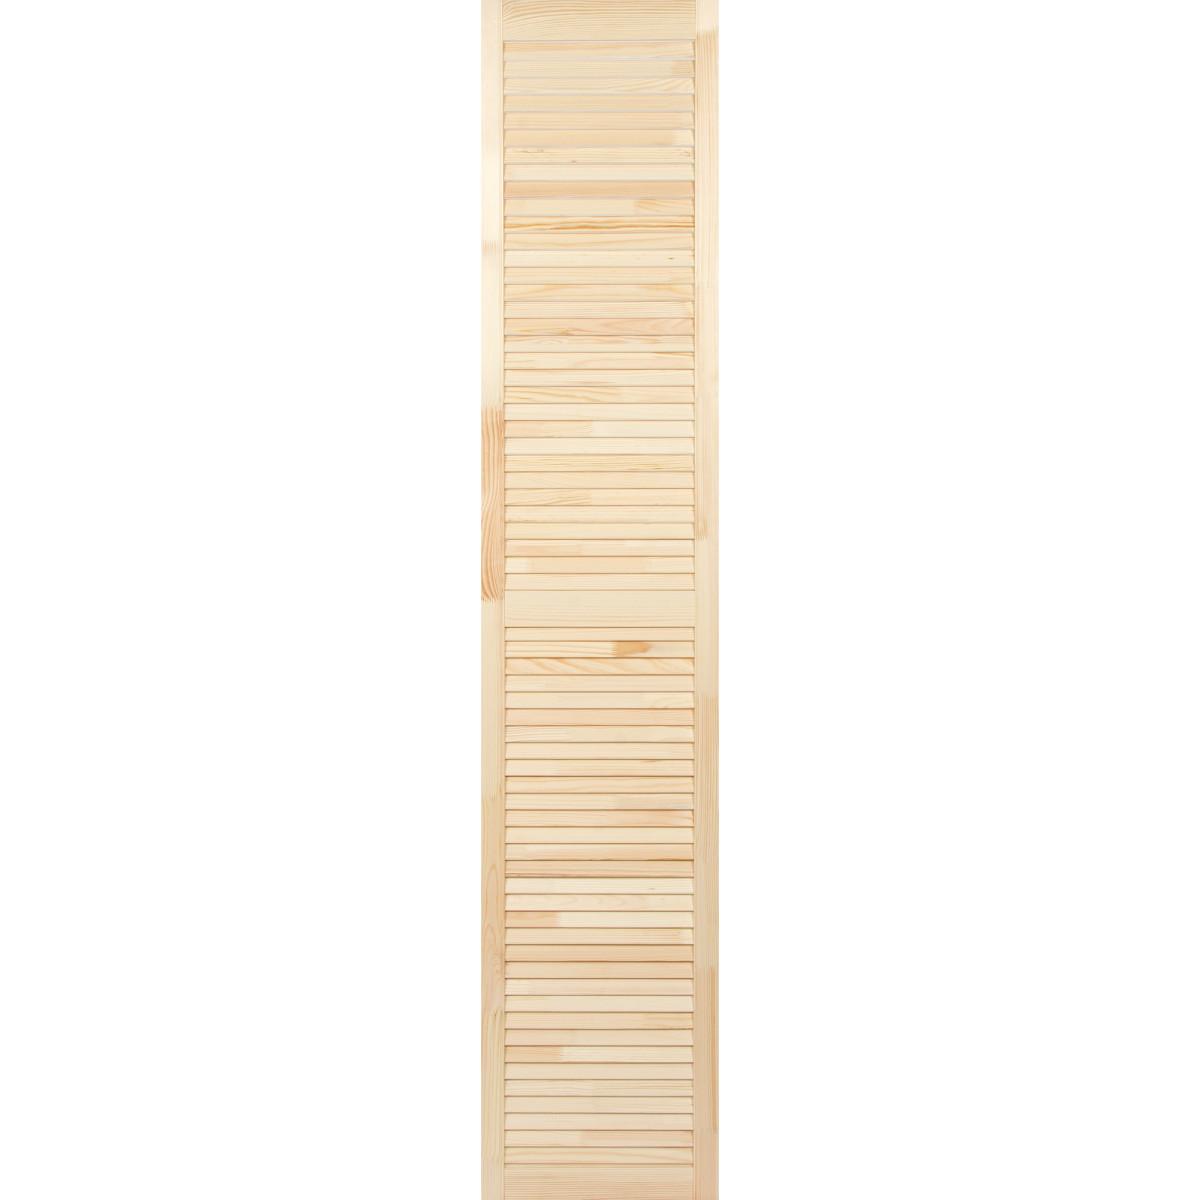 Дверка жалюзийная 2013х394х20 мм хвоя сорт А